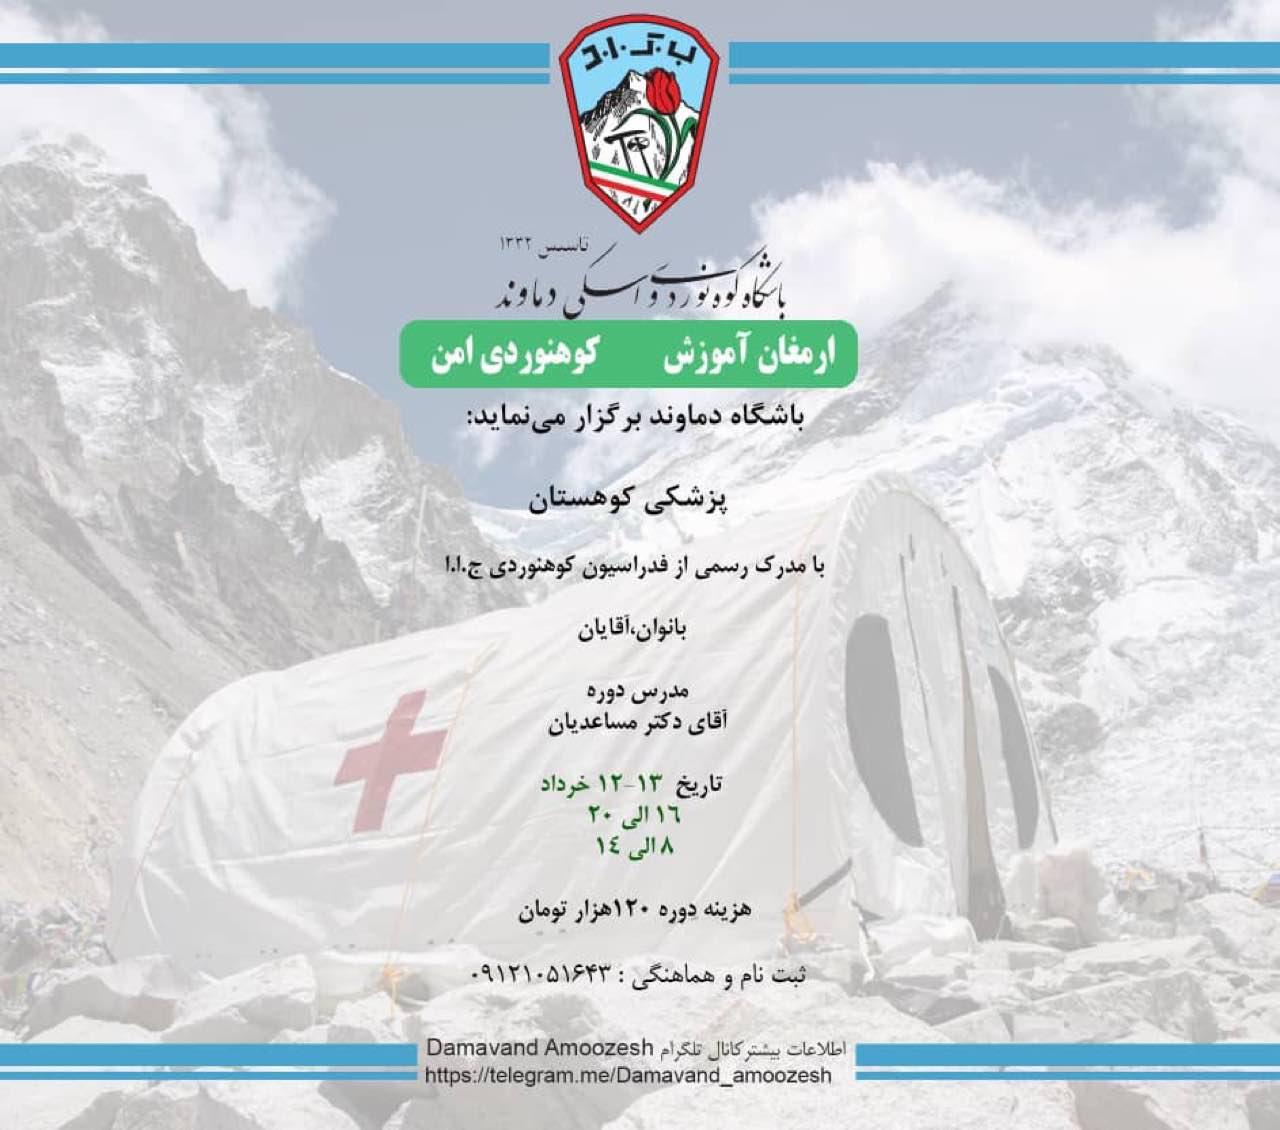 کارگاه پزشکی کوهستان – در حال تکمیل ظرفیت …